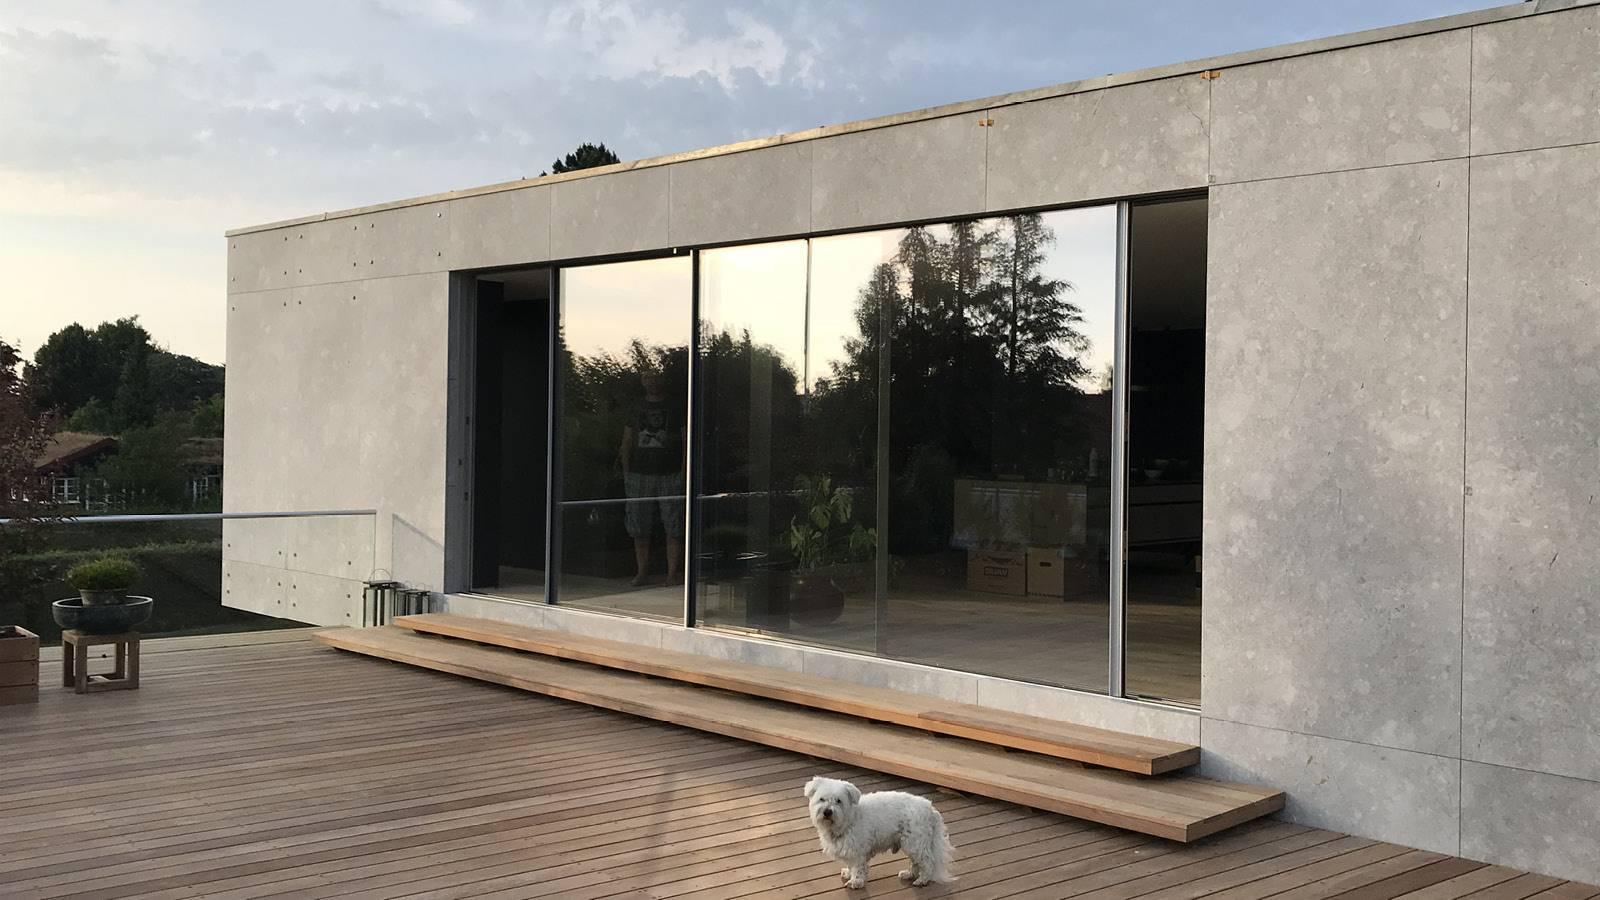 TERRACE - CPH HOUSE - SPOL Architects